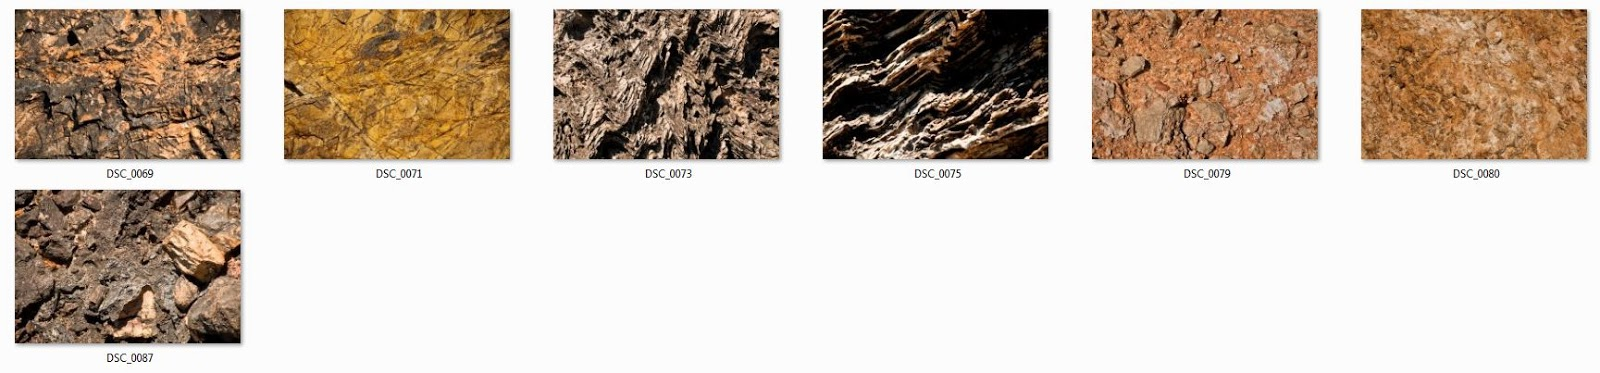 Ücretsiz Kaya Texture Fotoğrafları